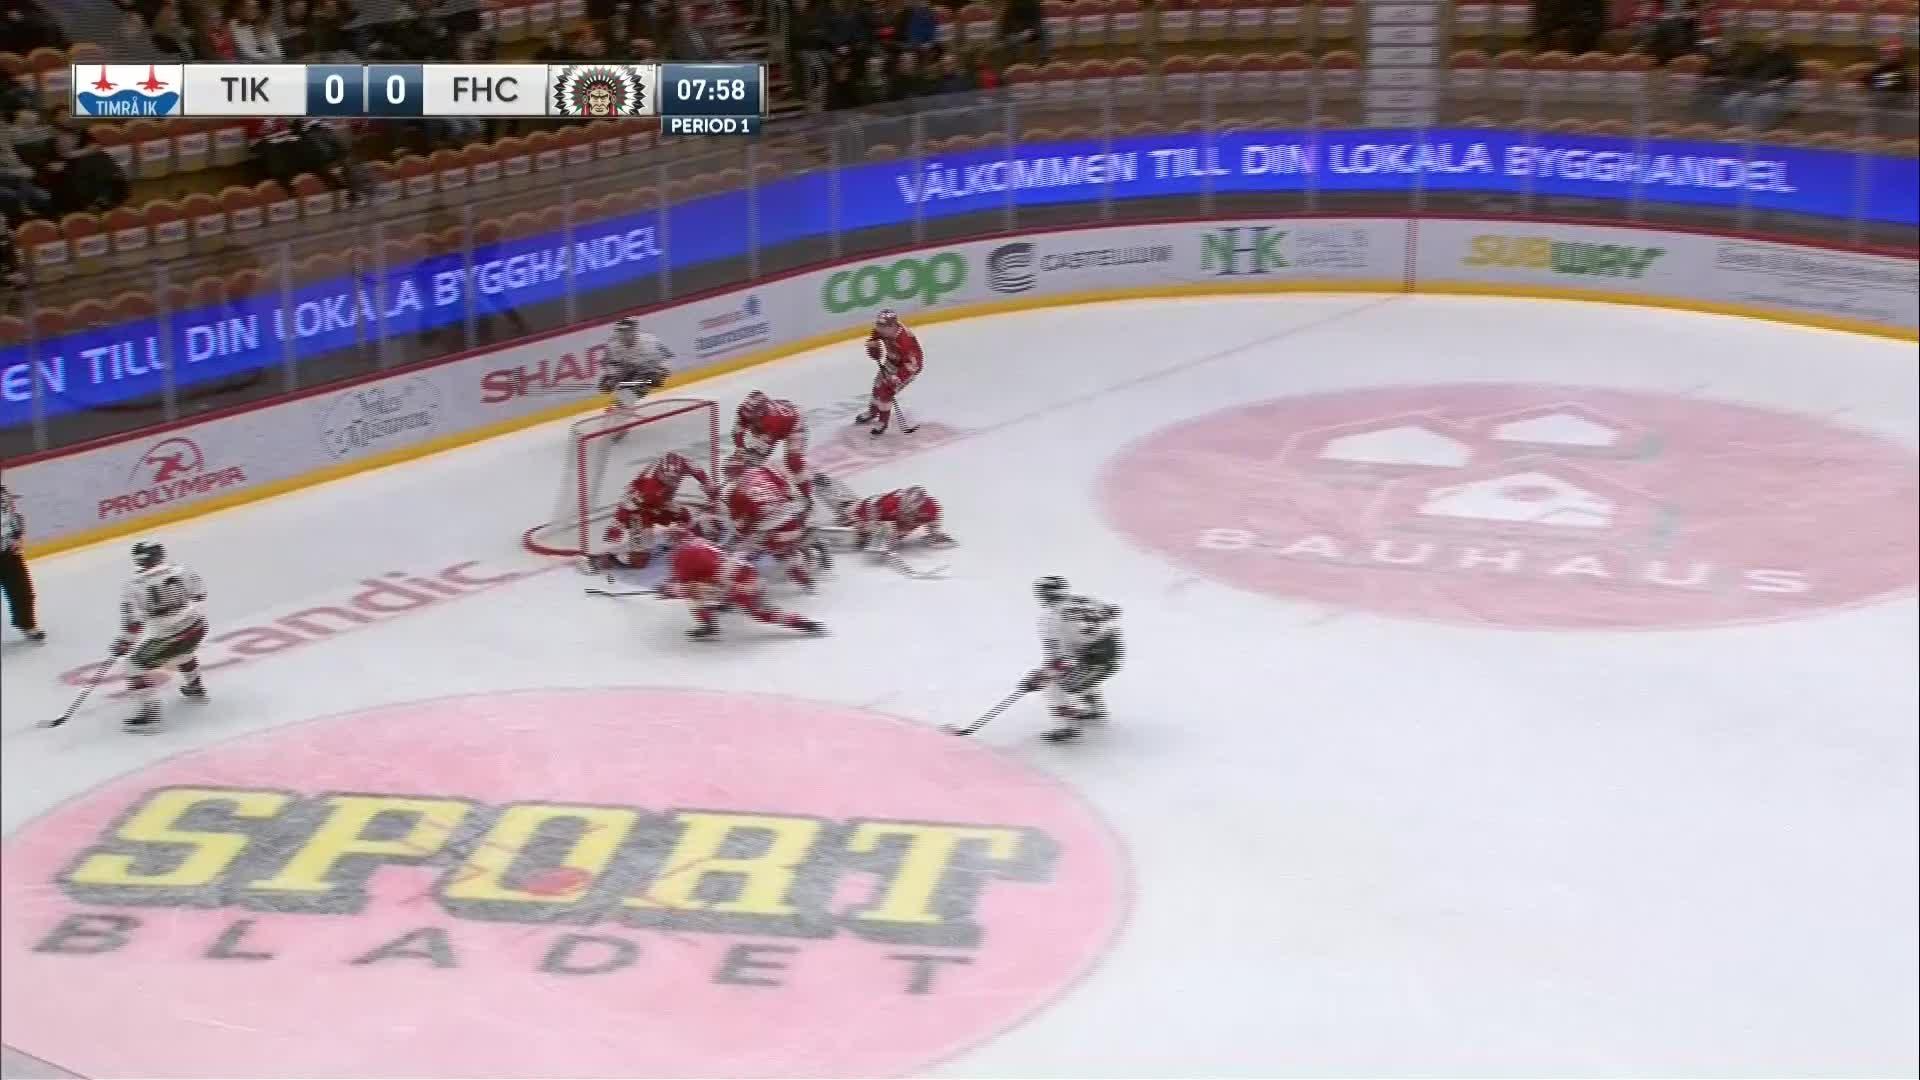 Timrå IK - Frölunda HC 0-1